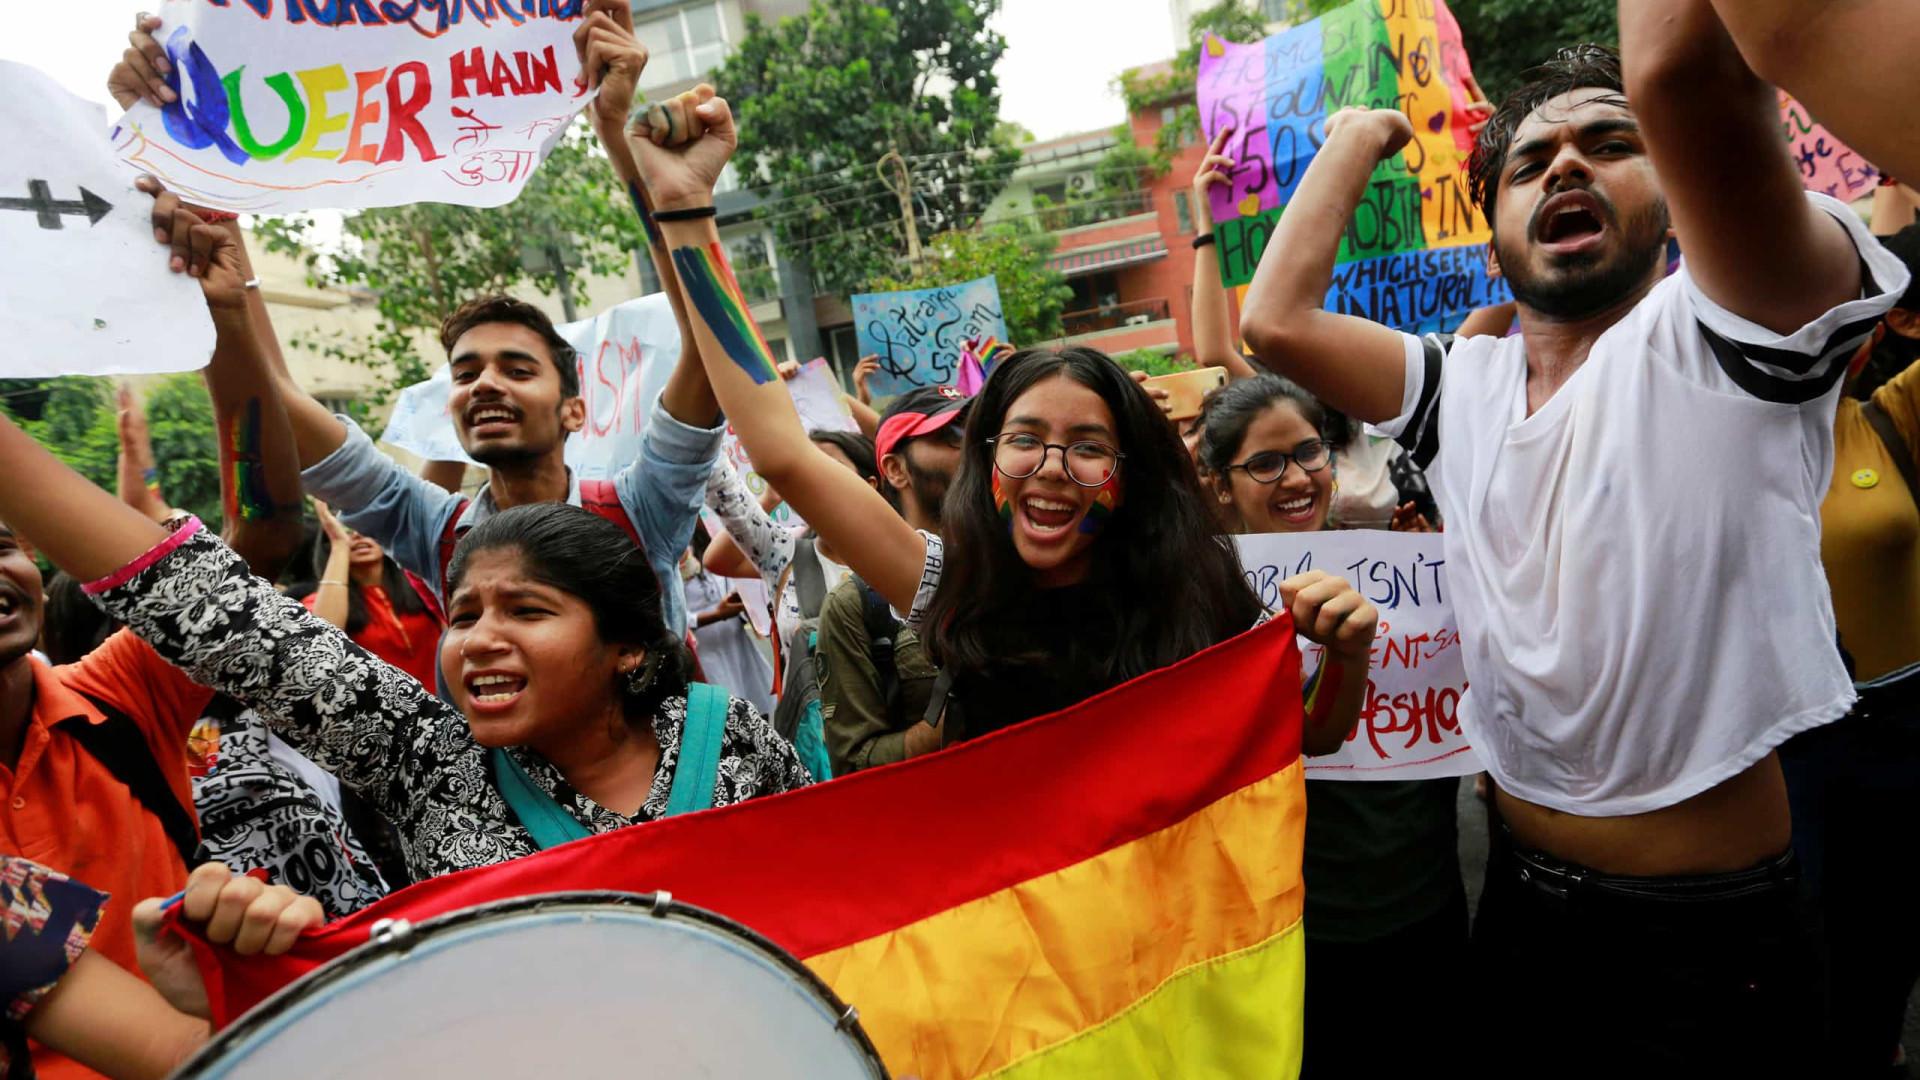 Mais de mil pessoas compareceram em marcha LGBTI na Índia